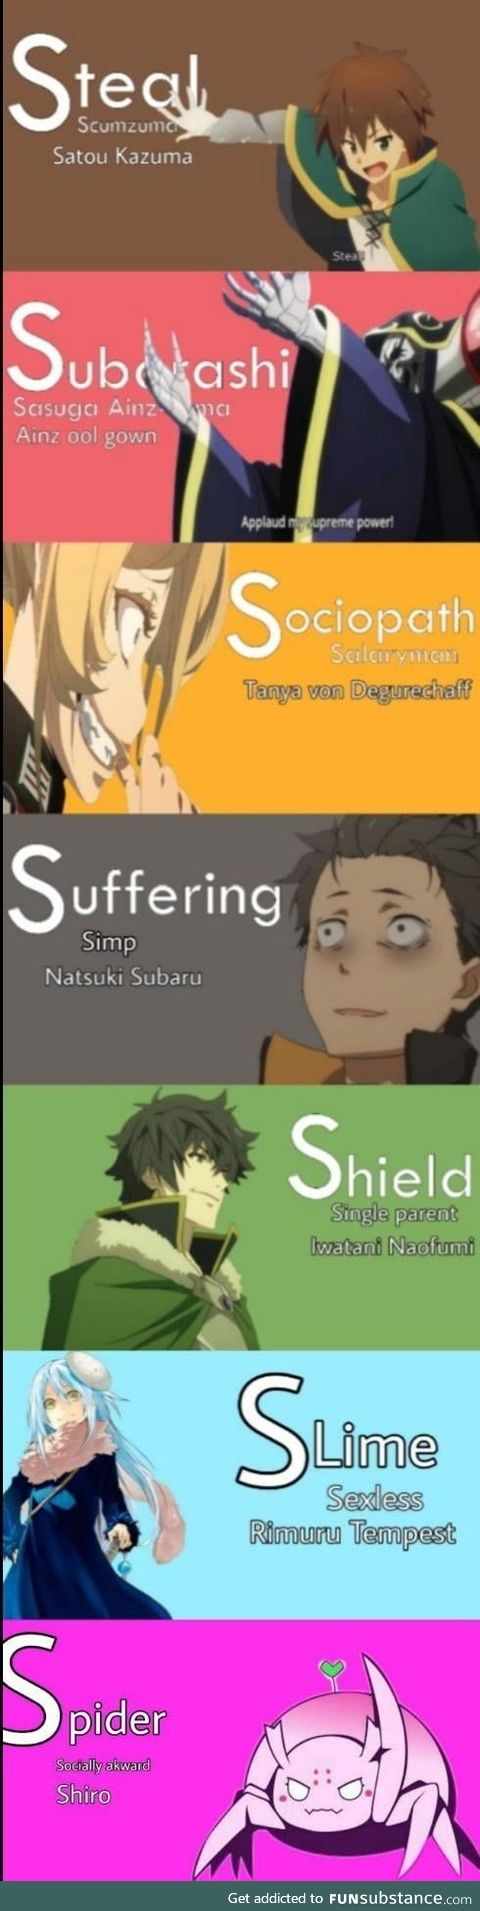 7 'S' in anime